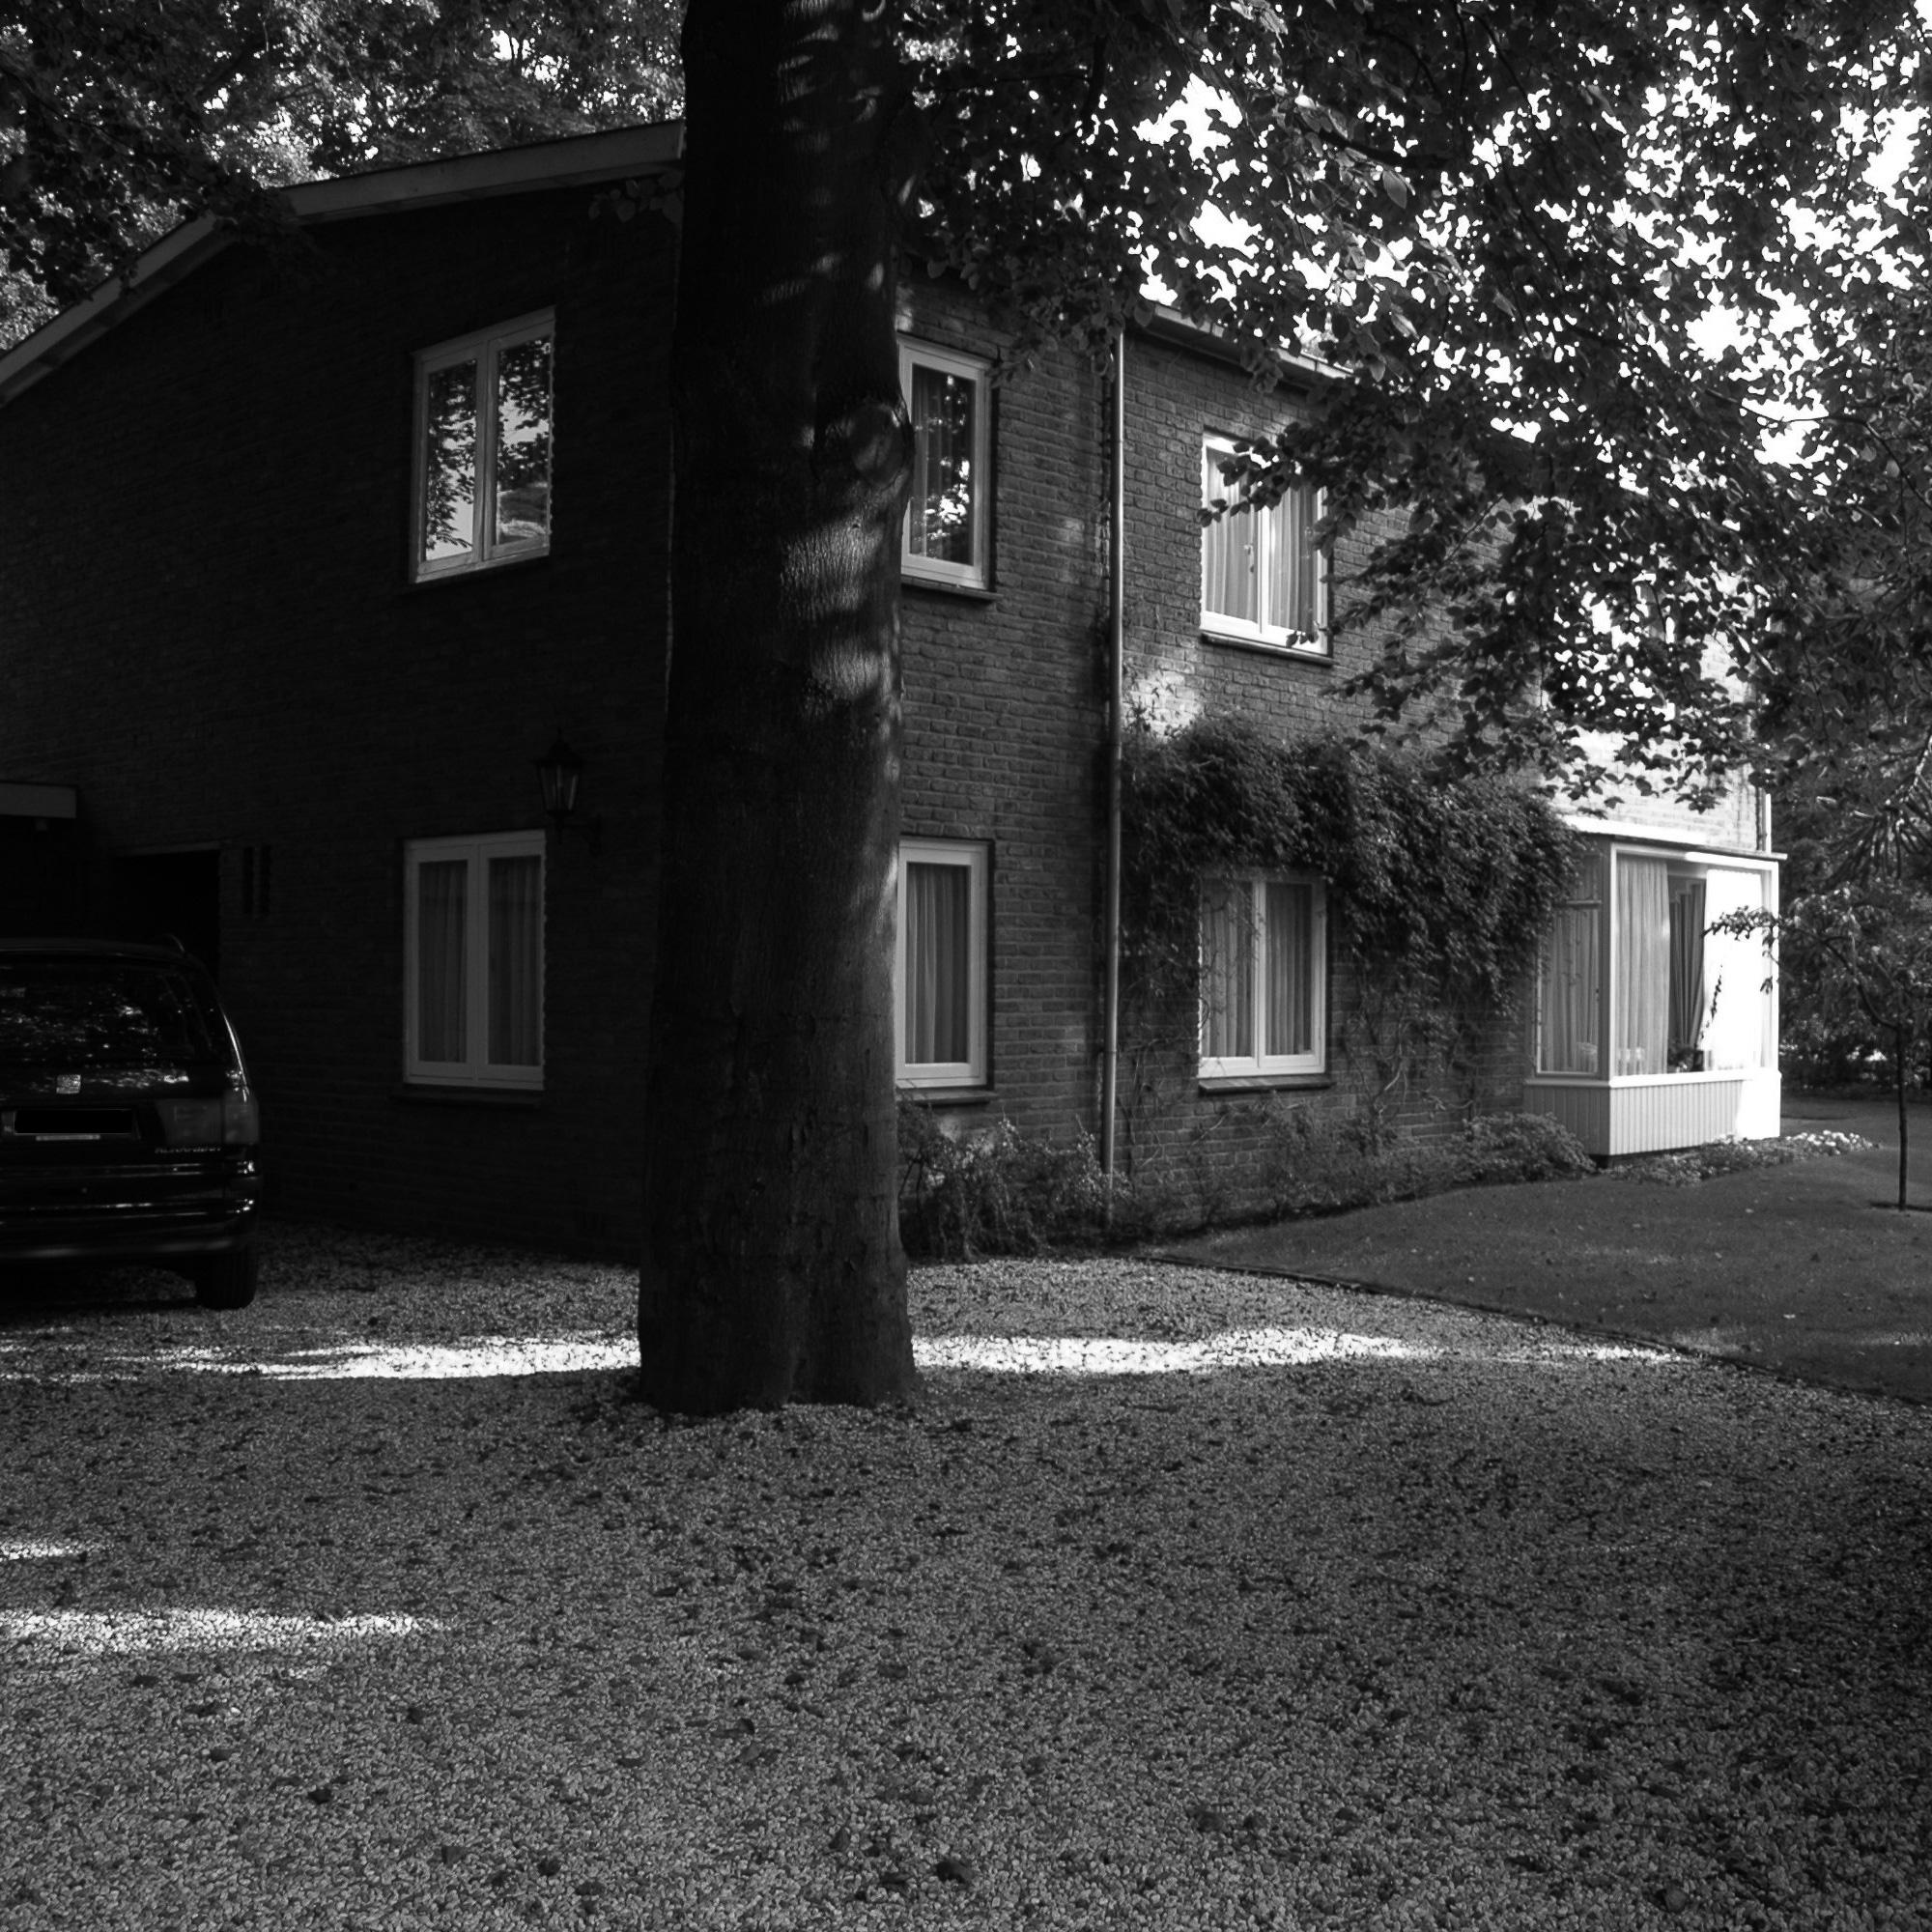 Parklaan - 40 - ParkLane - Hans van Putten